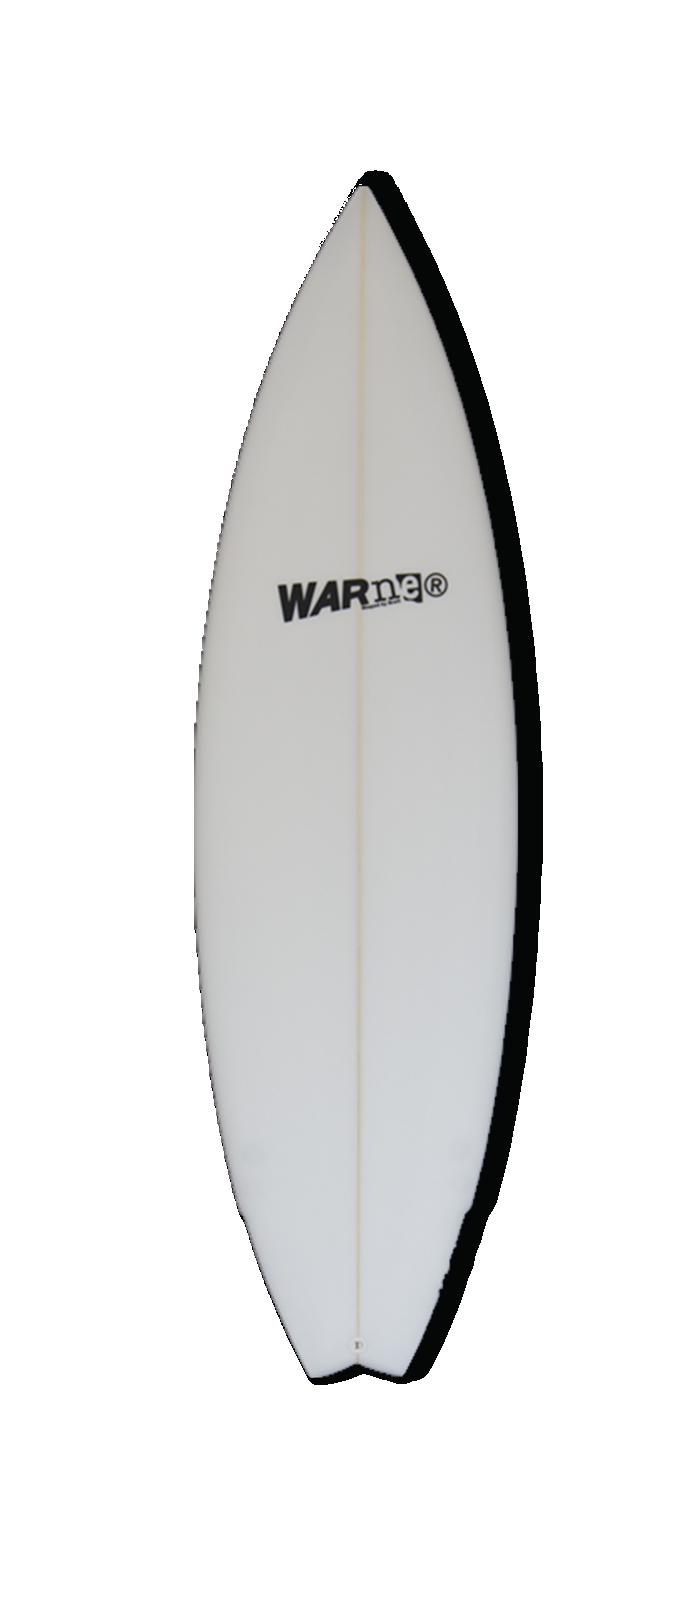 LIL FLYER surfboard model